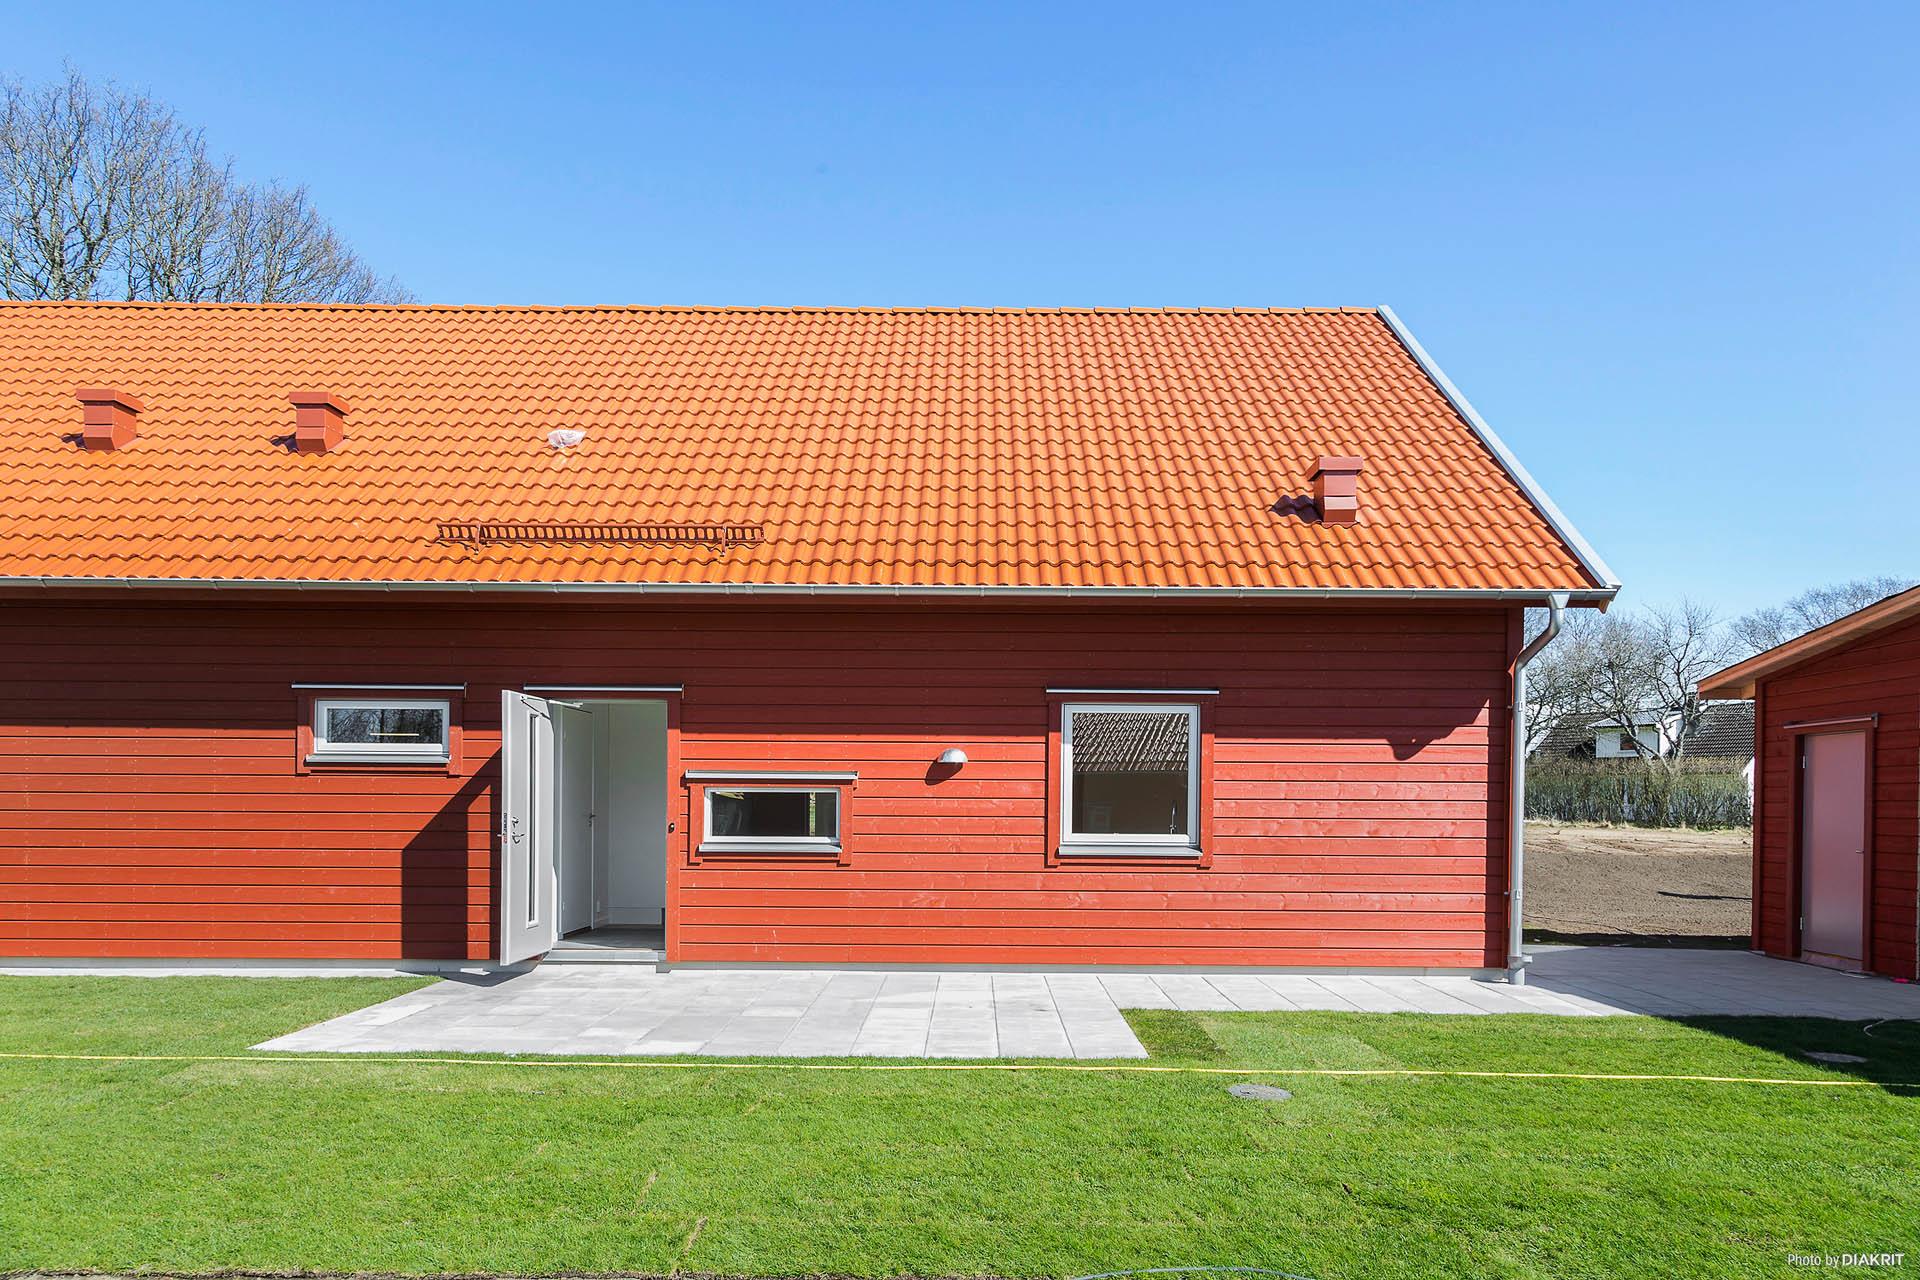 Välkommen till Bingevägen! Observera att det gjorts tillval på lägenheten där bilderna är tagna.